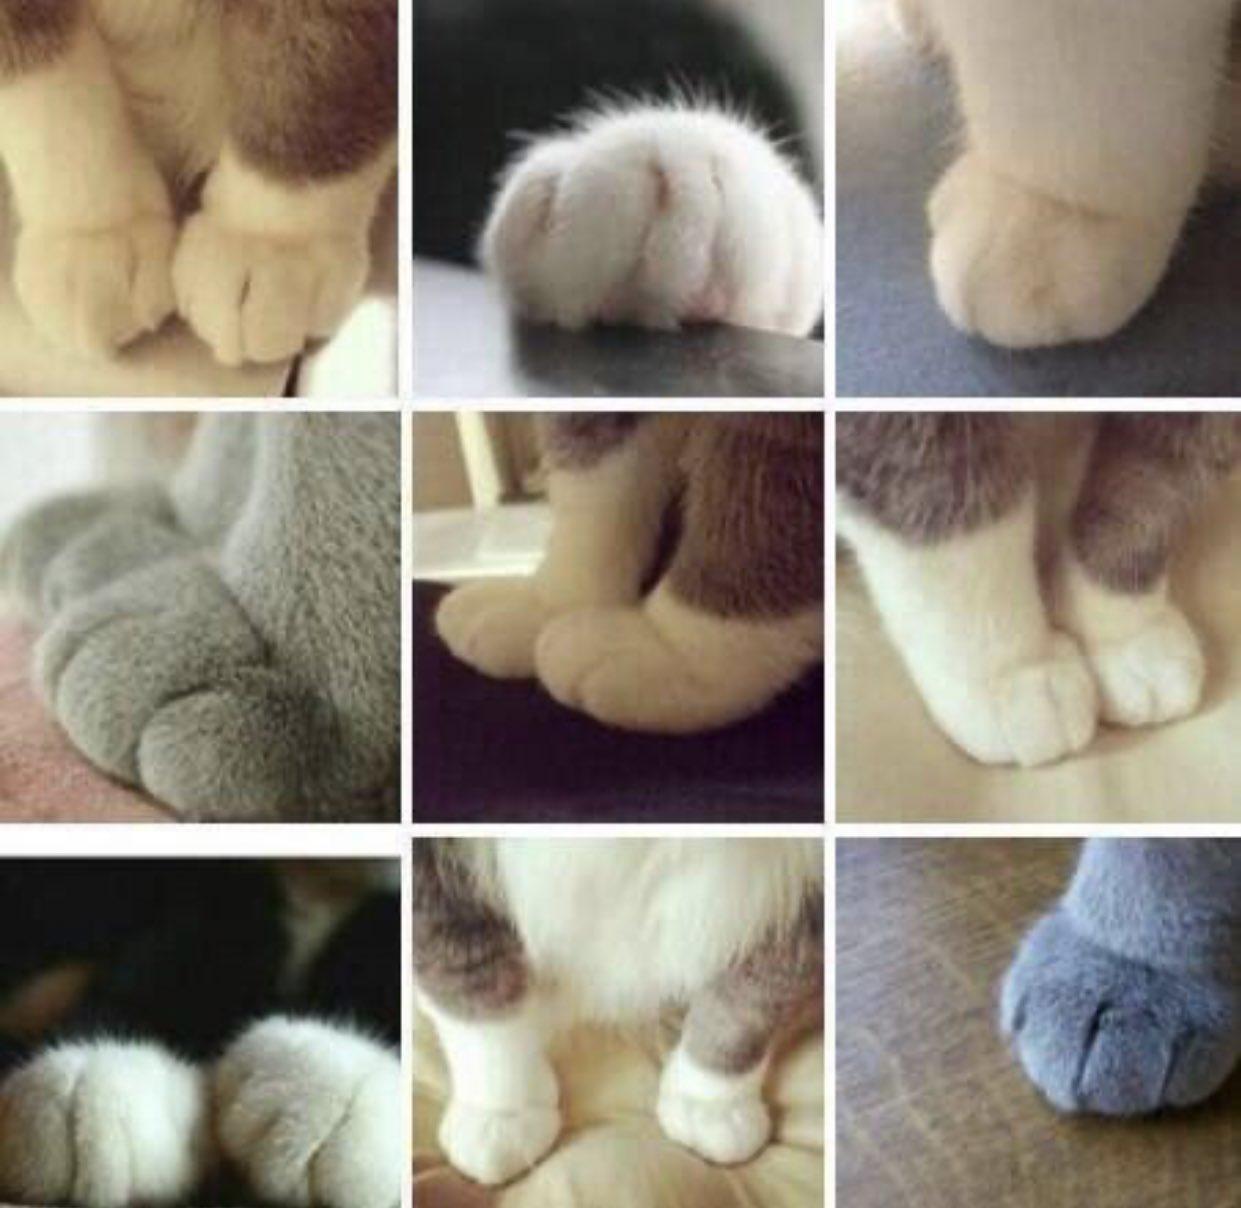 「猫の手も借りたい」って!? いやいや、猫のおててを侮ってはいけません!